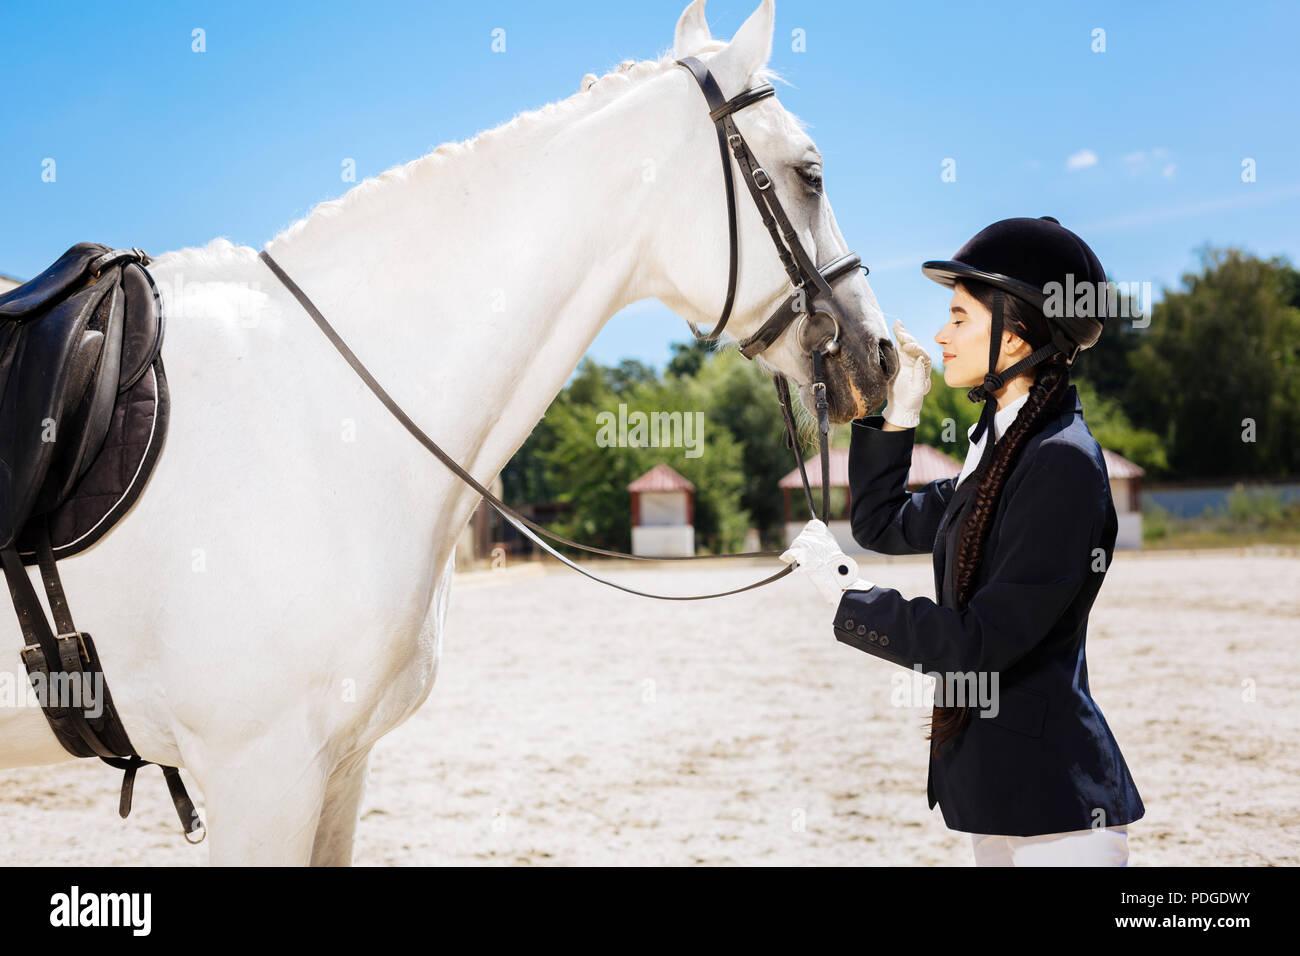 Hermosa mujer delgada amar hípica mirando a caballo blanco Imagen De Stock